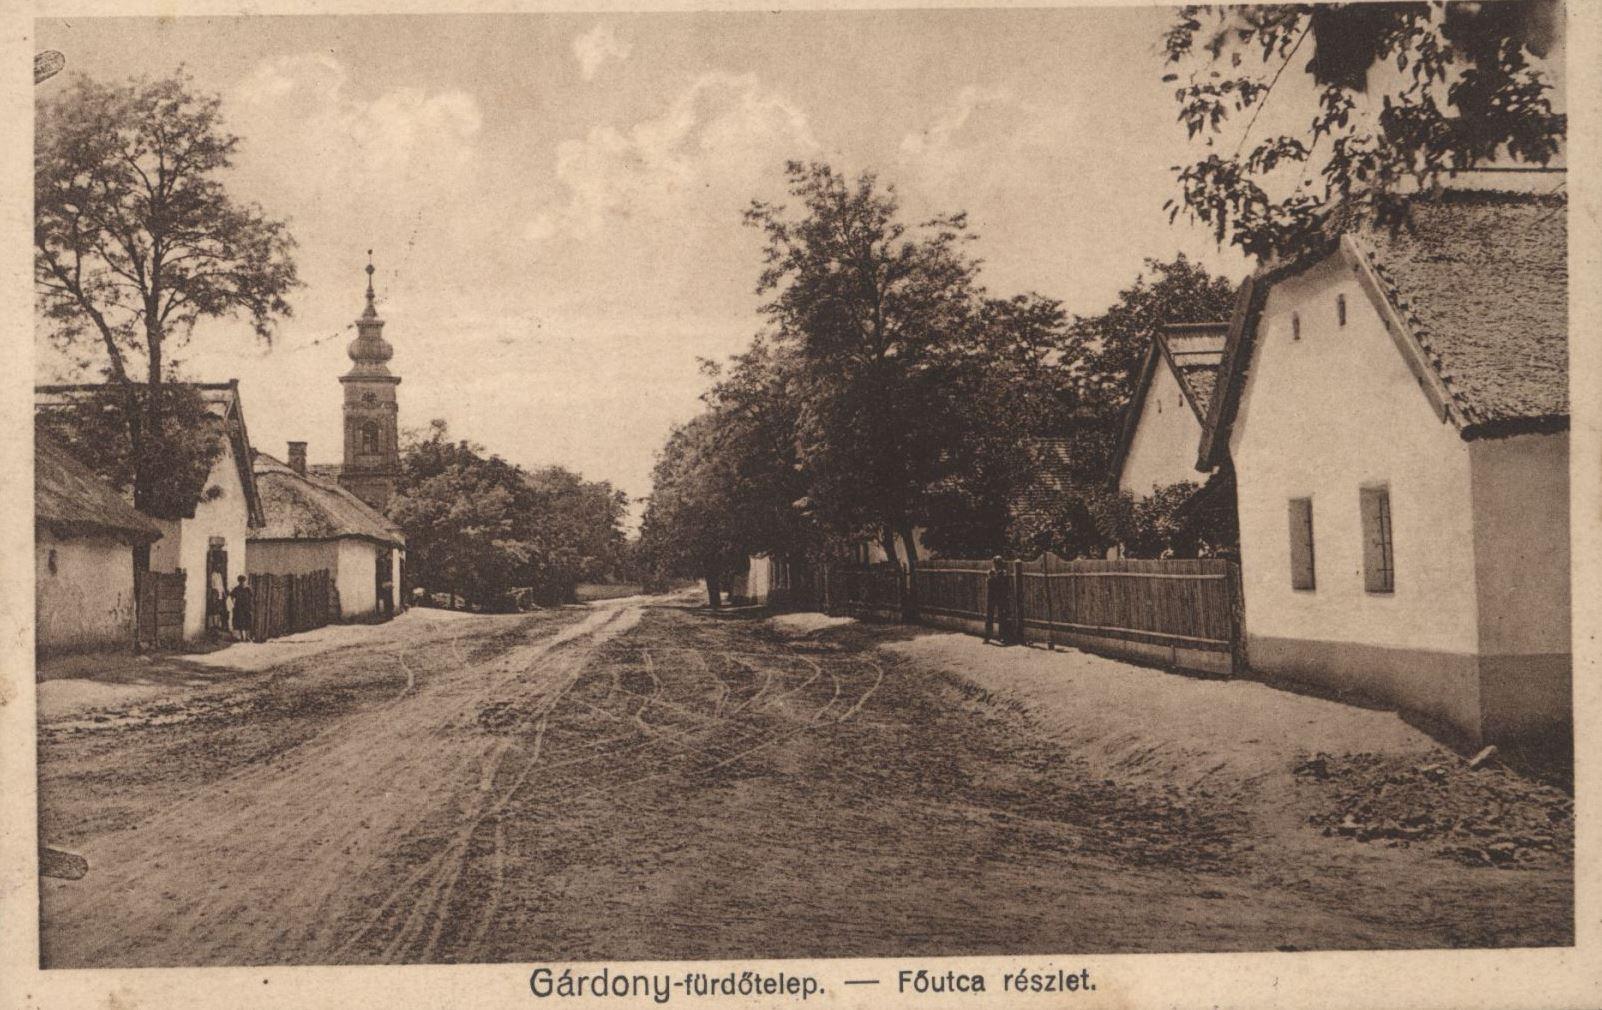 Gárdony 1914